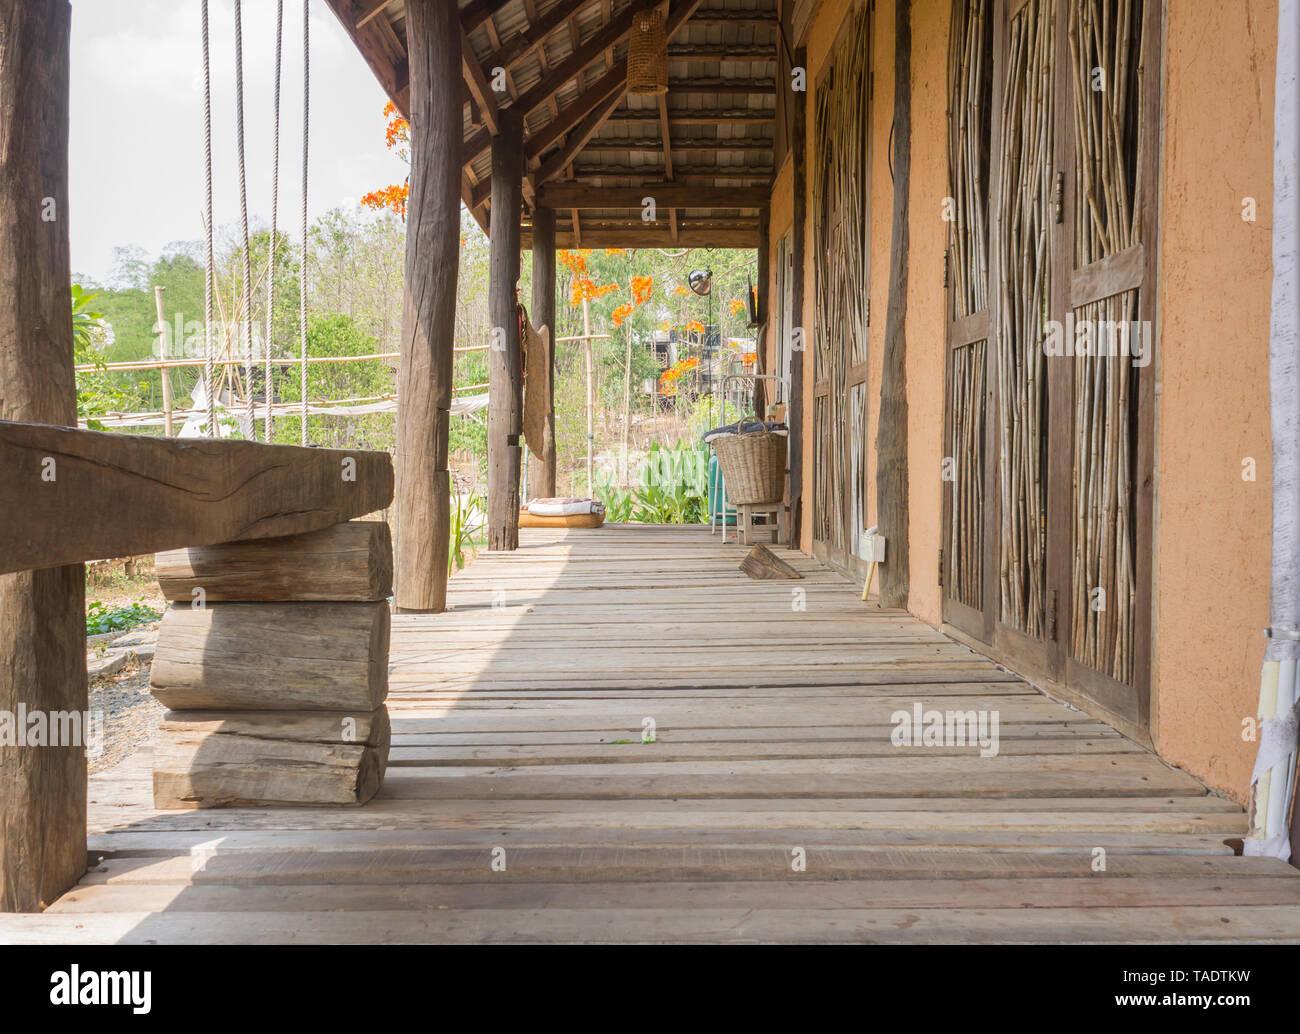 El camino por delante de la casa de diseño exterior. Diseño exterior casa con condiciones naturales. Loft de diseño exterior de la casa de país Imagen De Stock